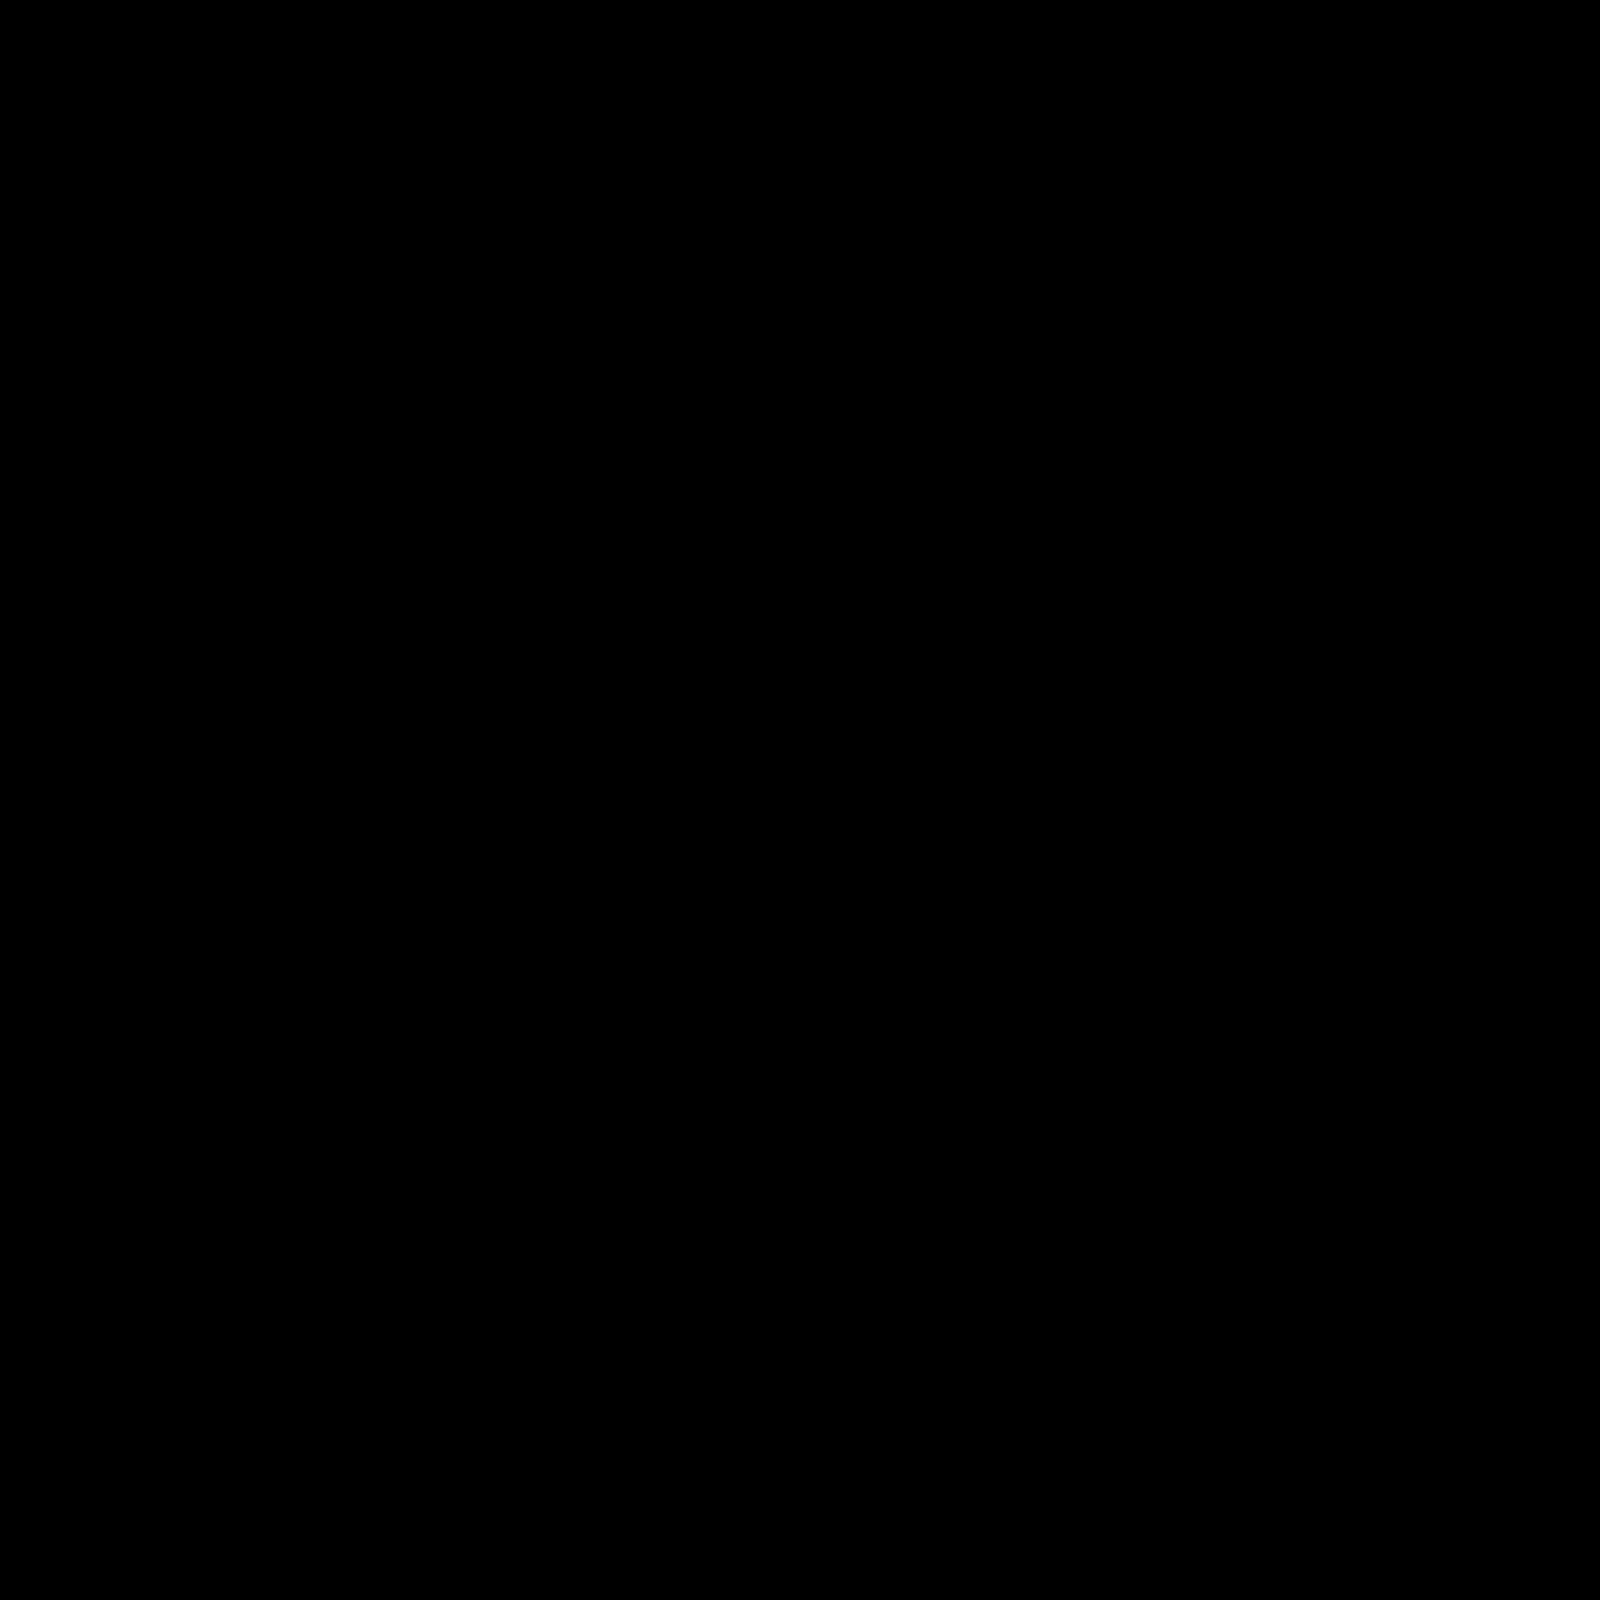 水瓶座 icon. There are two identical smooth and wavy horizontal lines. Each line starts by going upward before reaching a rounded point and then it goes back down again until there are three rounded points and then making a final slope downward.